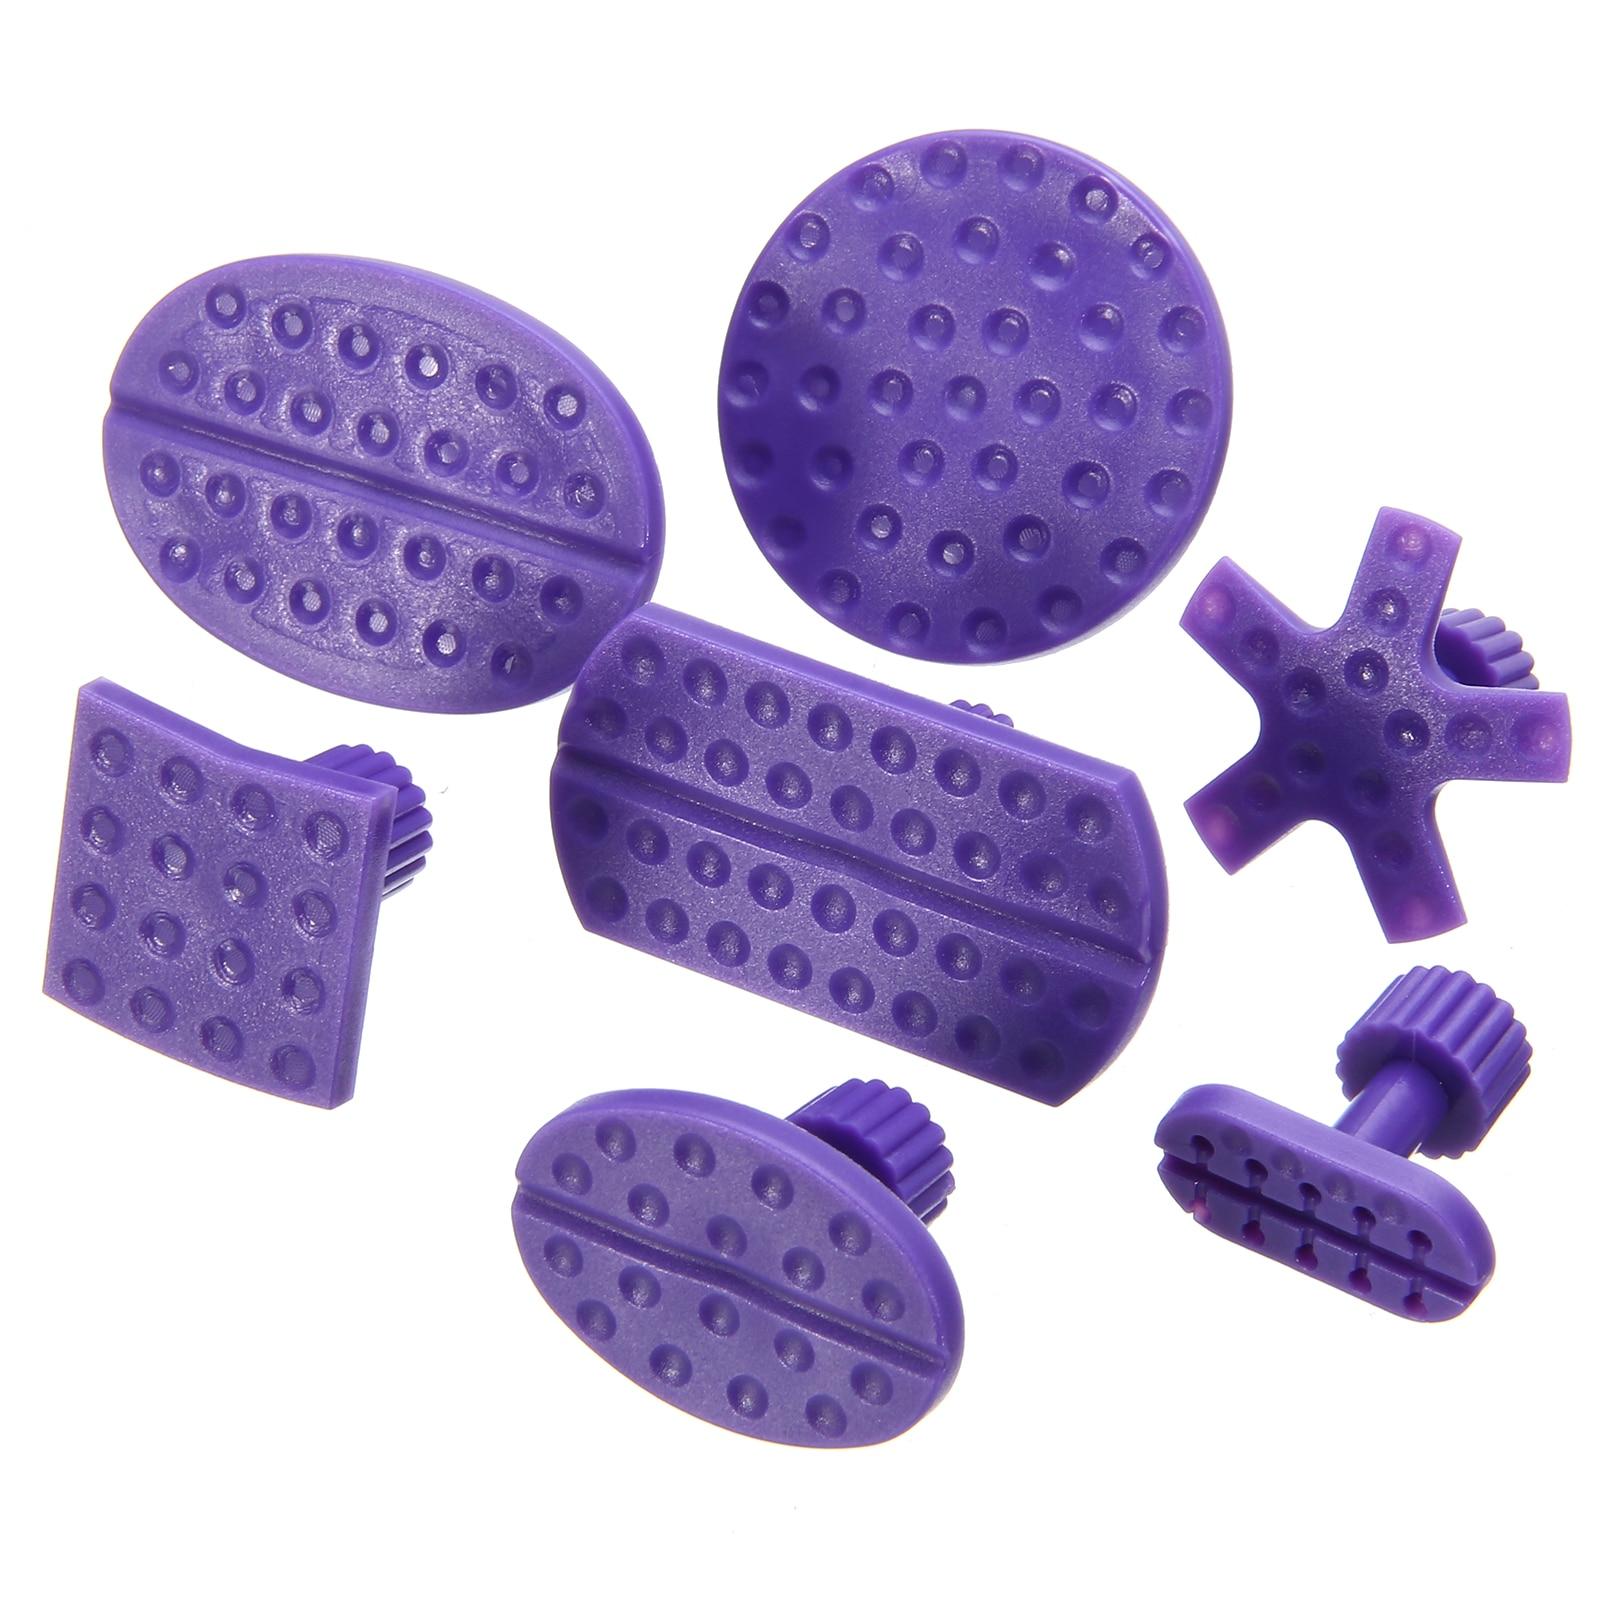 24Pcs Purple Car Body Paintless Dent Hail Repair Tool Plastic Glue Puller Tabs Pad Automobile Repair Tools Set